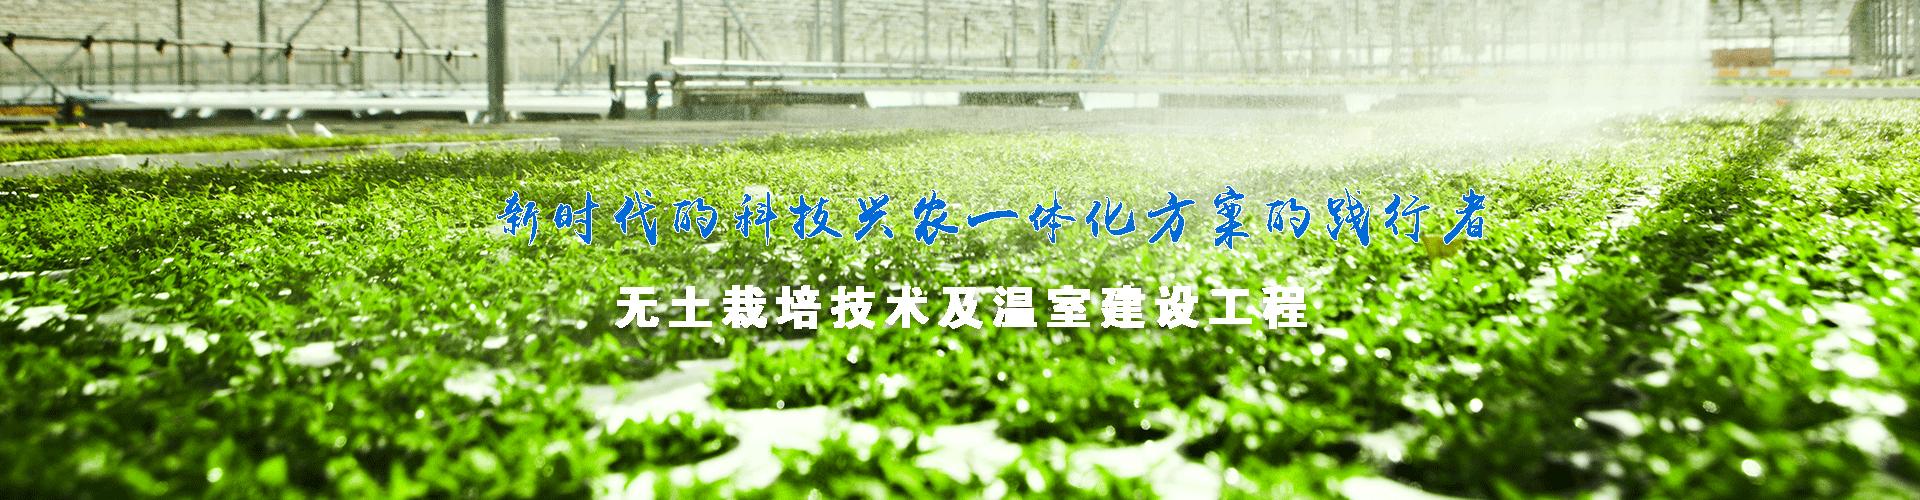 水肥一体化滴灌设备